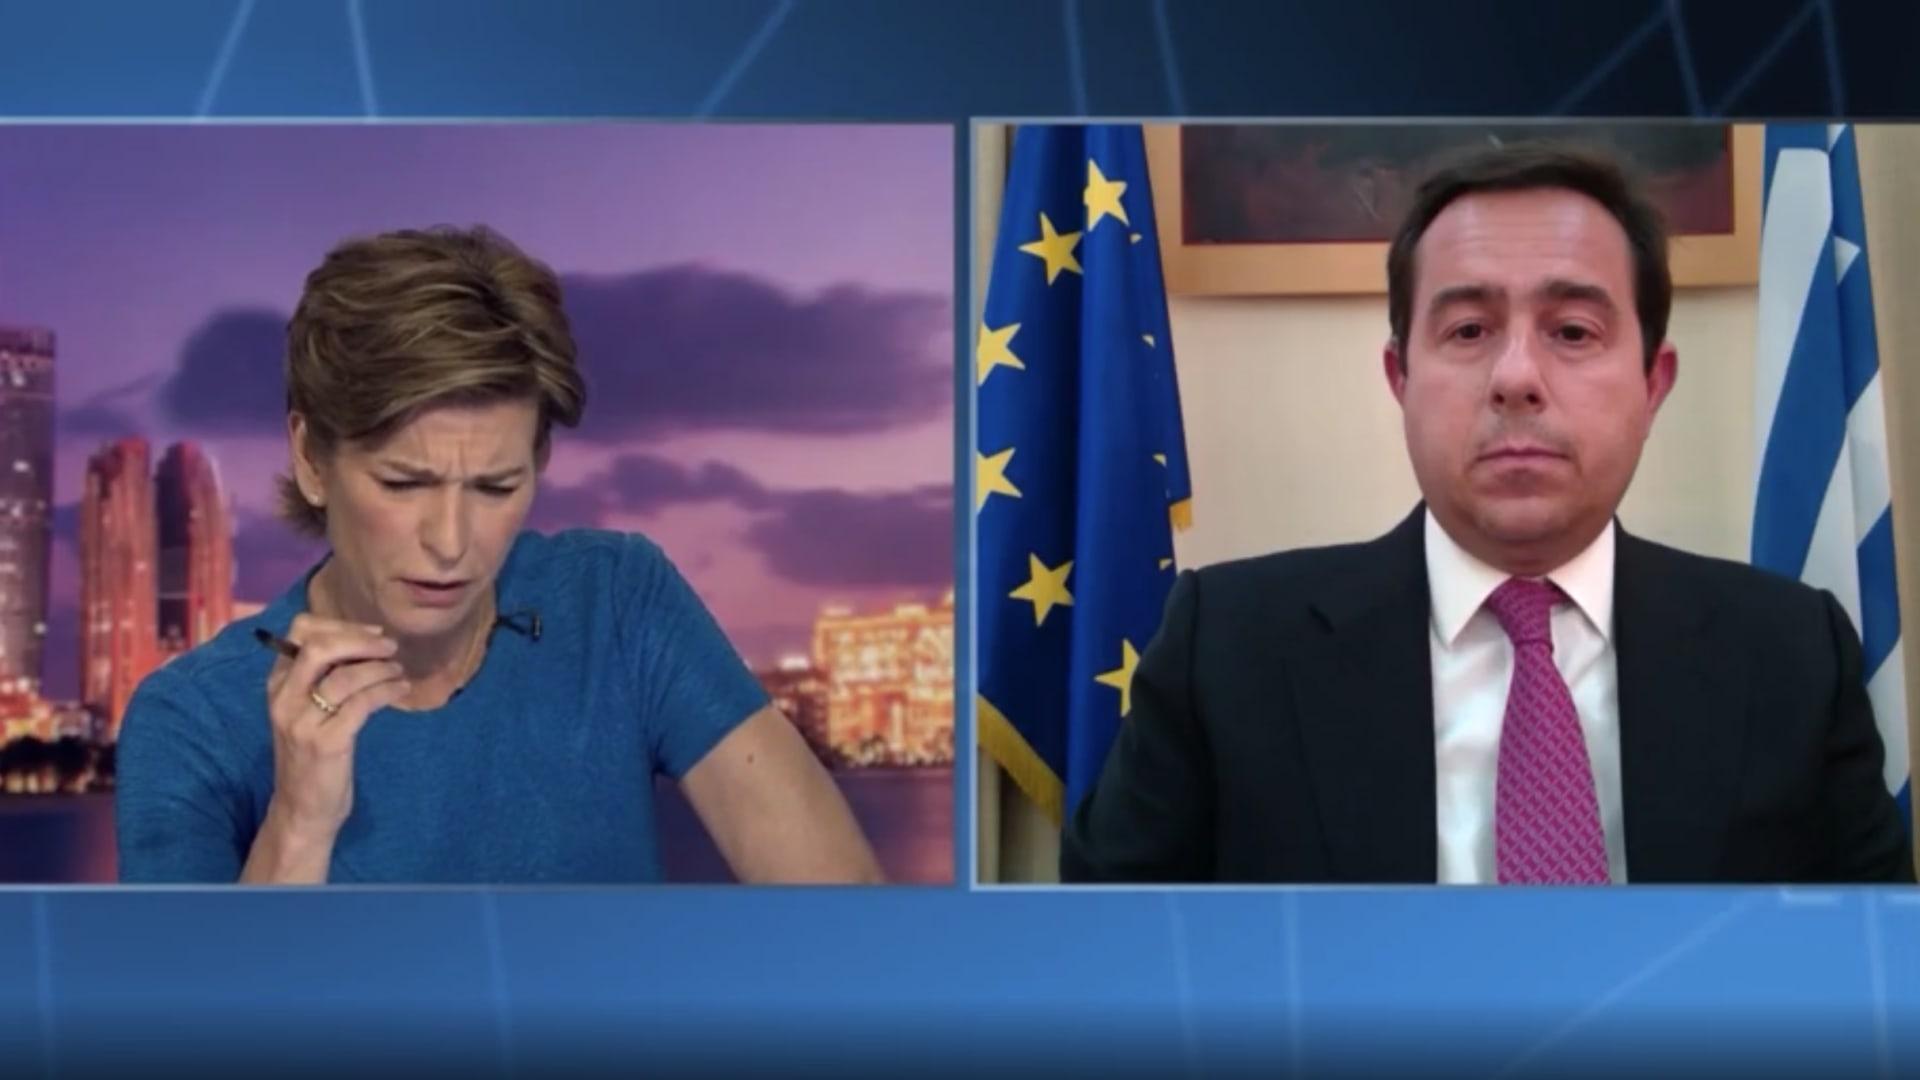 مذيعة CNN تواجه وزير الهجرة اليوناني بمزاعم الانتهاكات ضد المهاجرين.. كيف رد؟